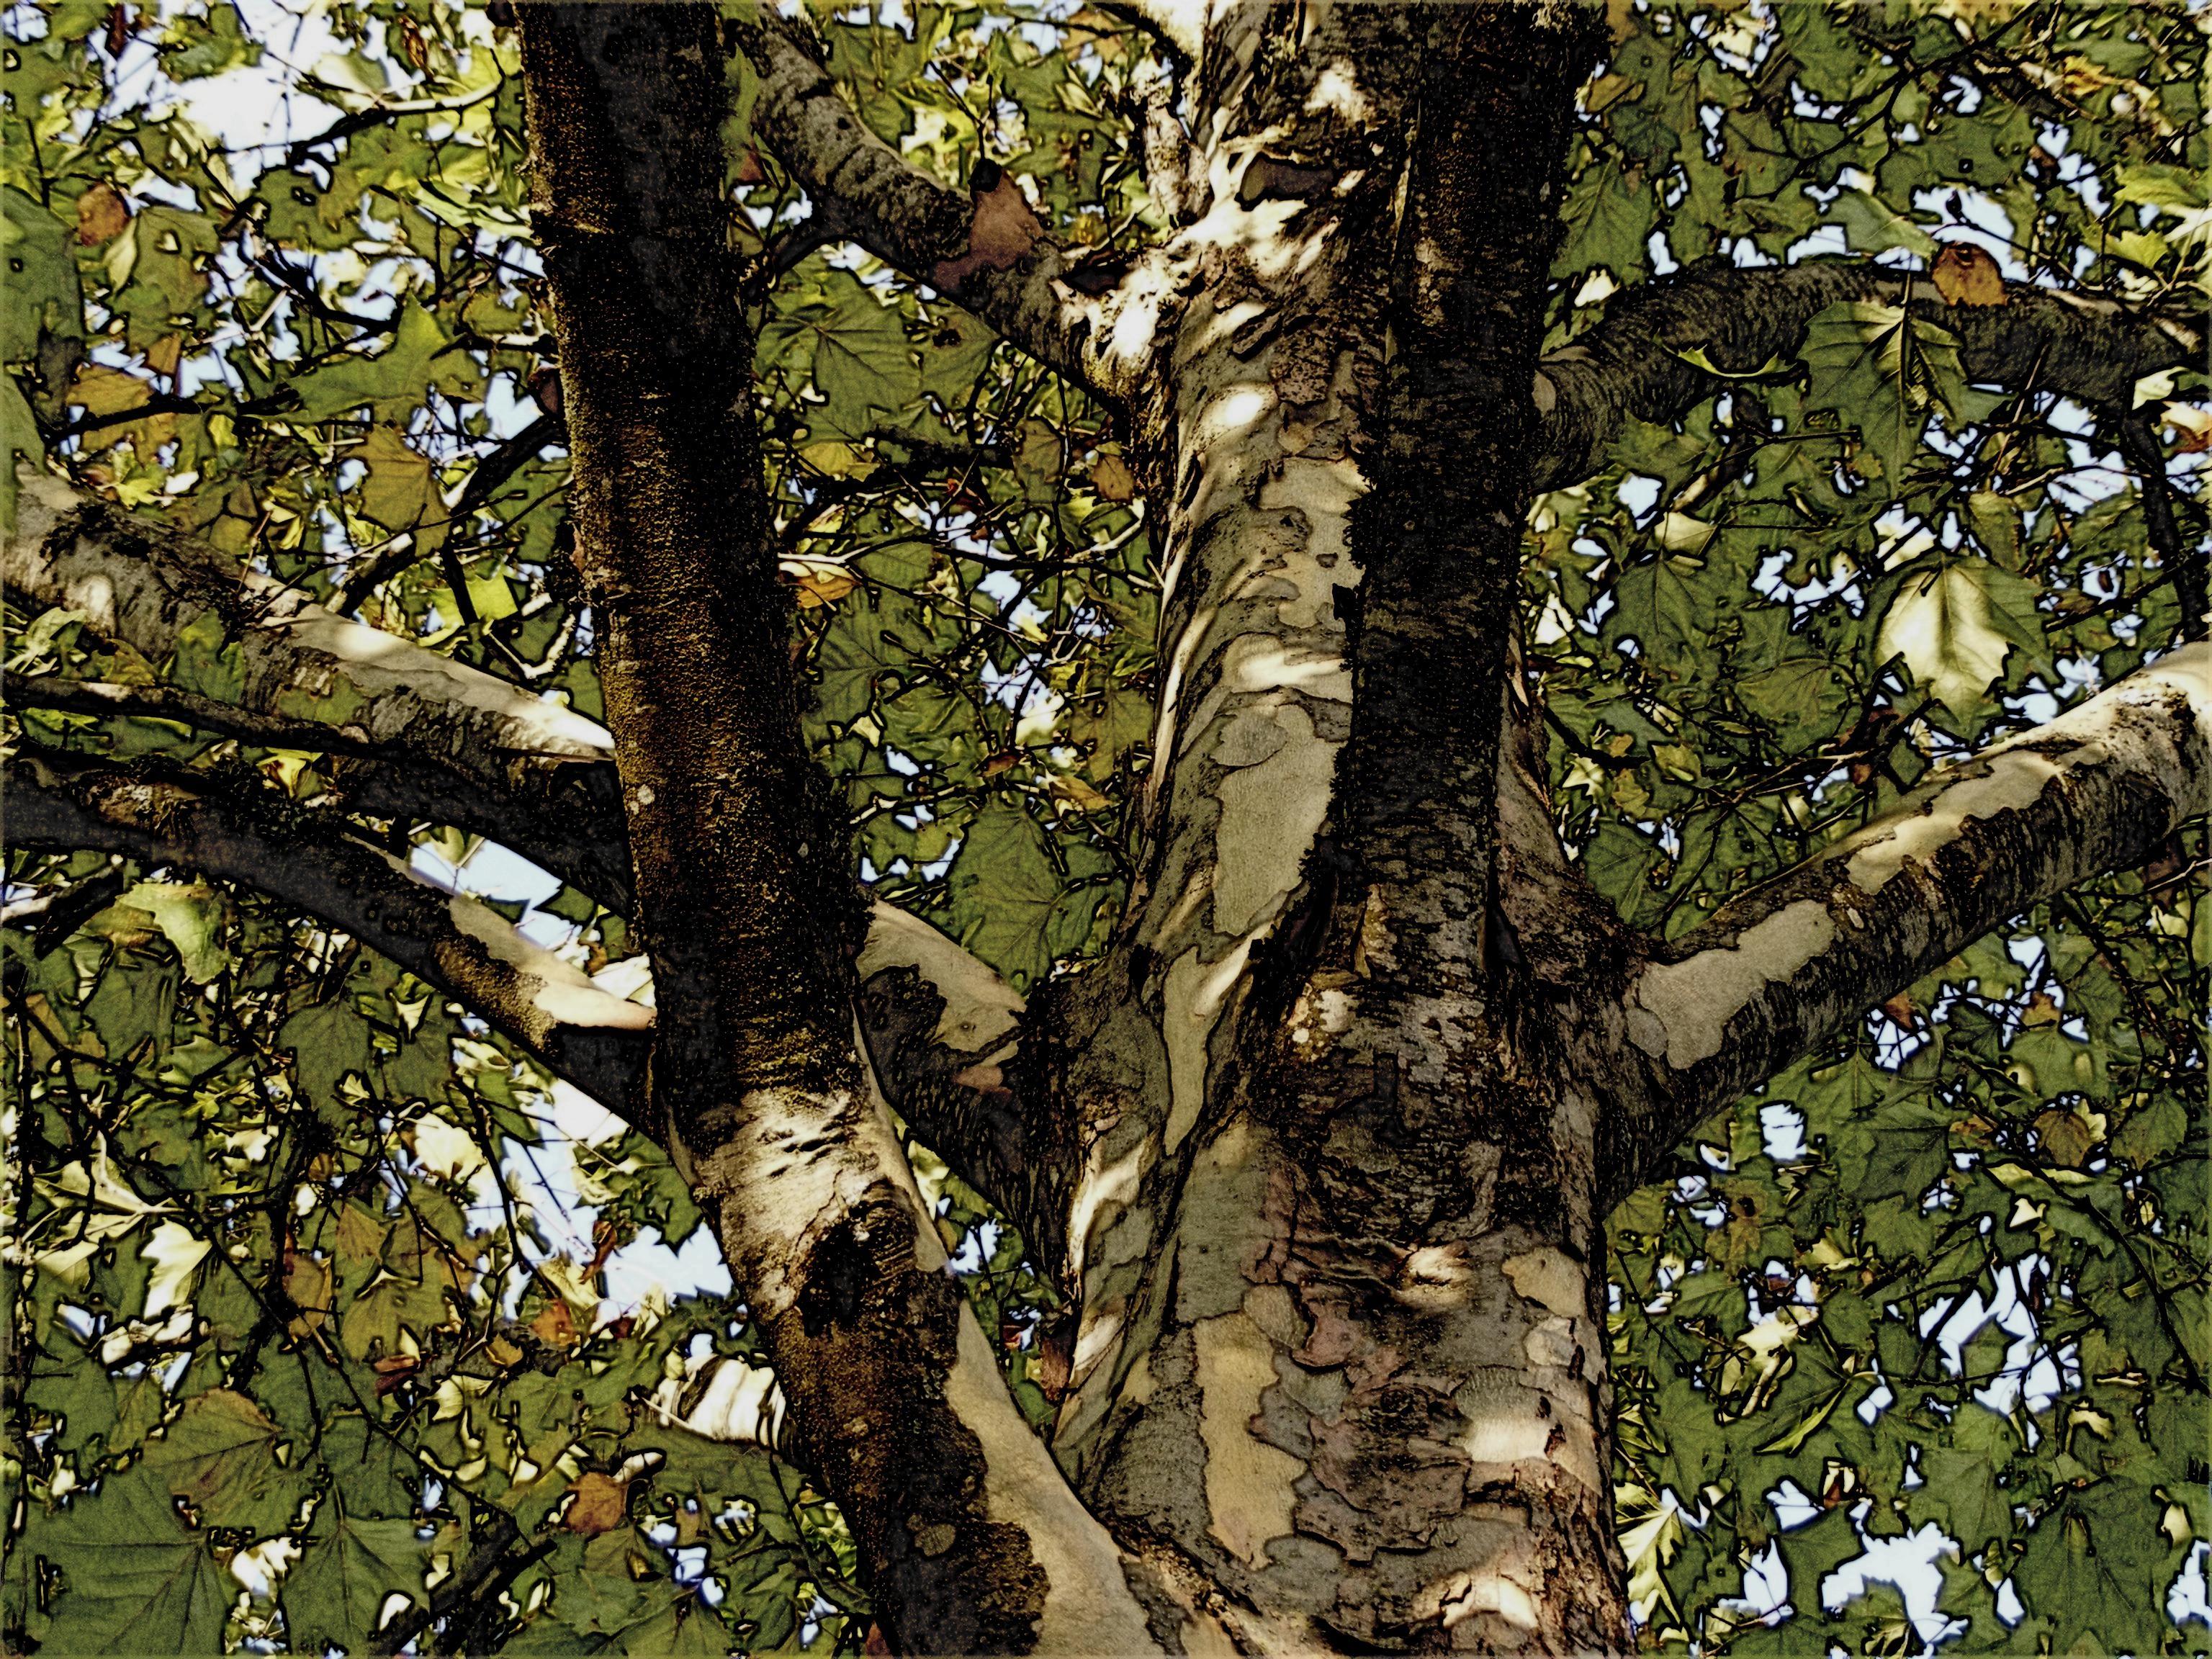 images gratuites : arbre, la nature, forêt, branche, lumière du